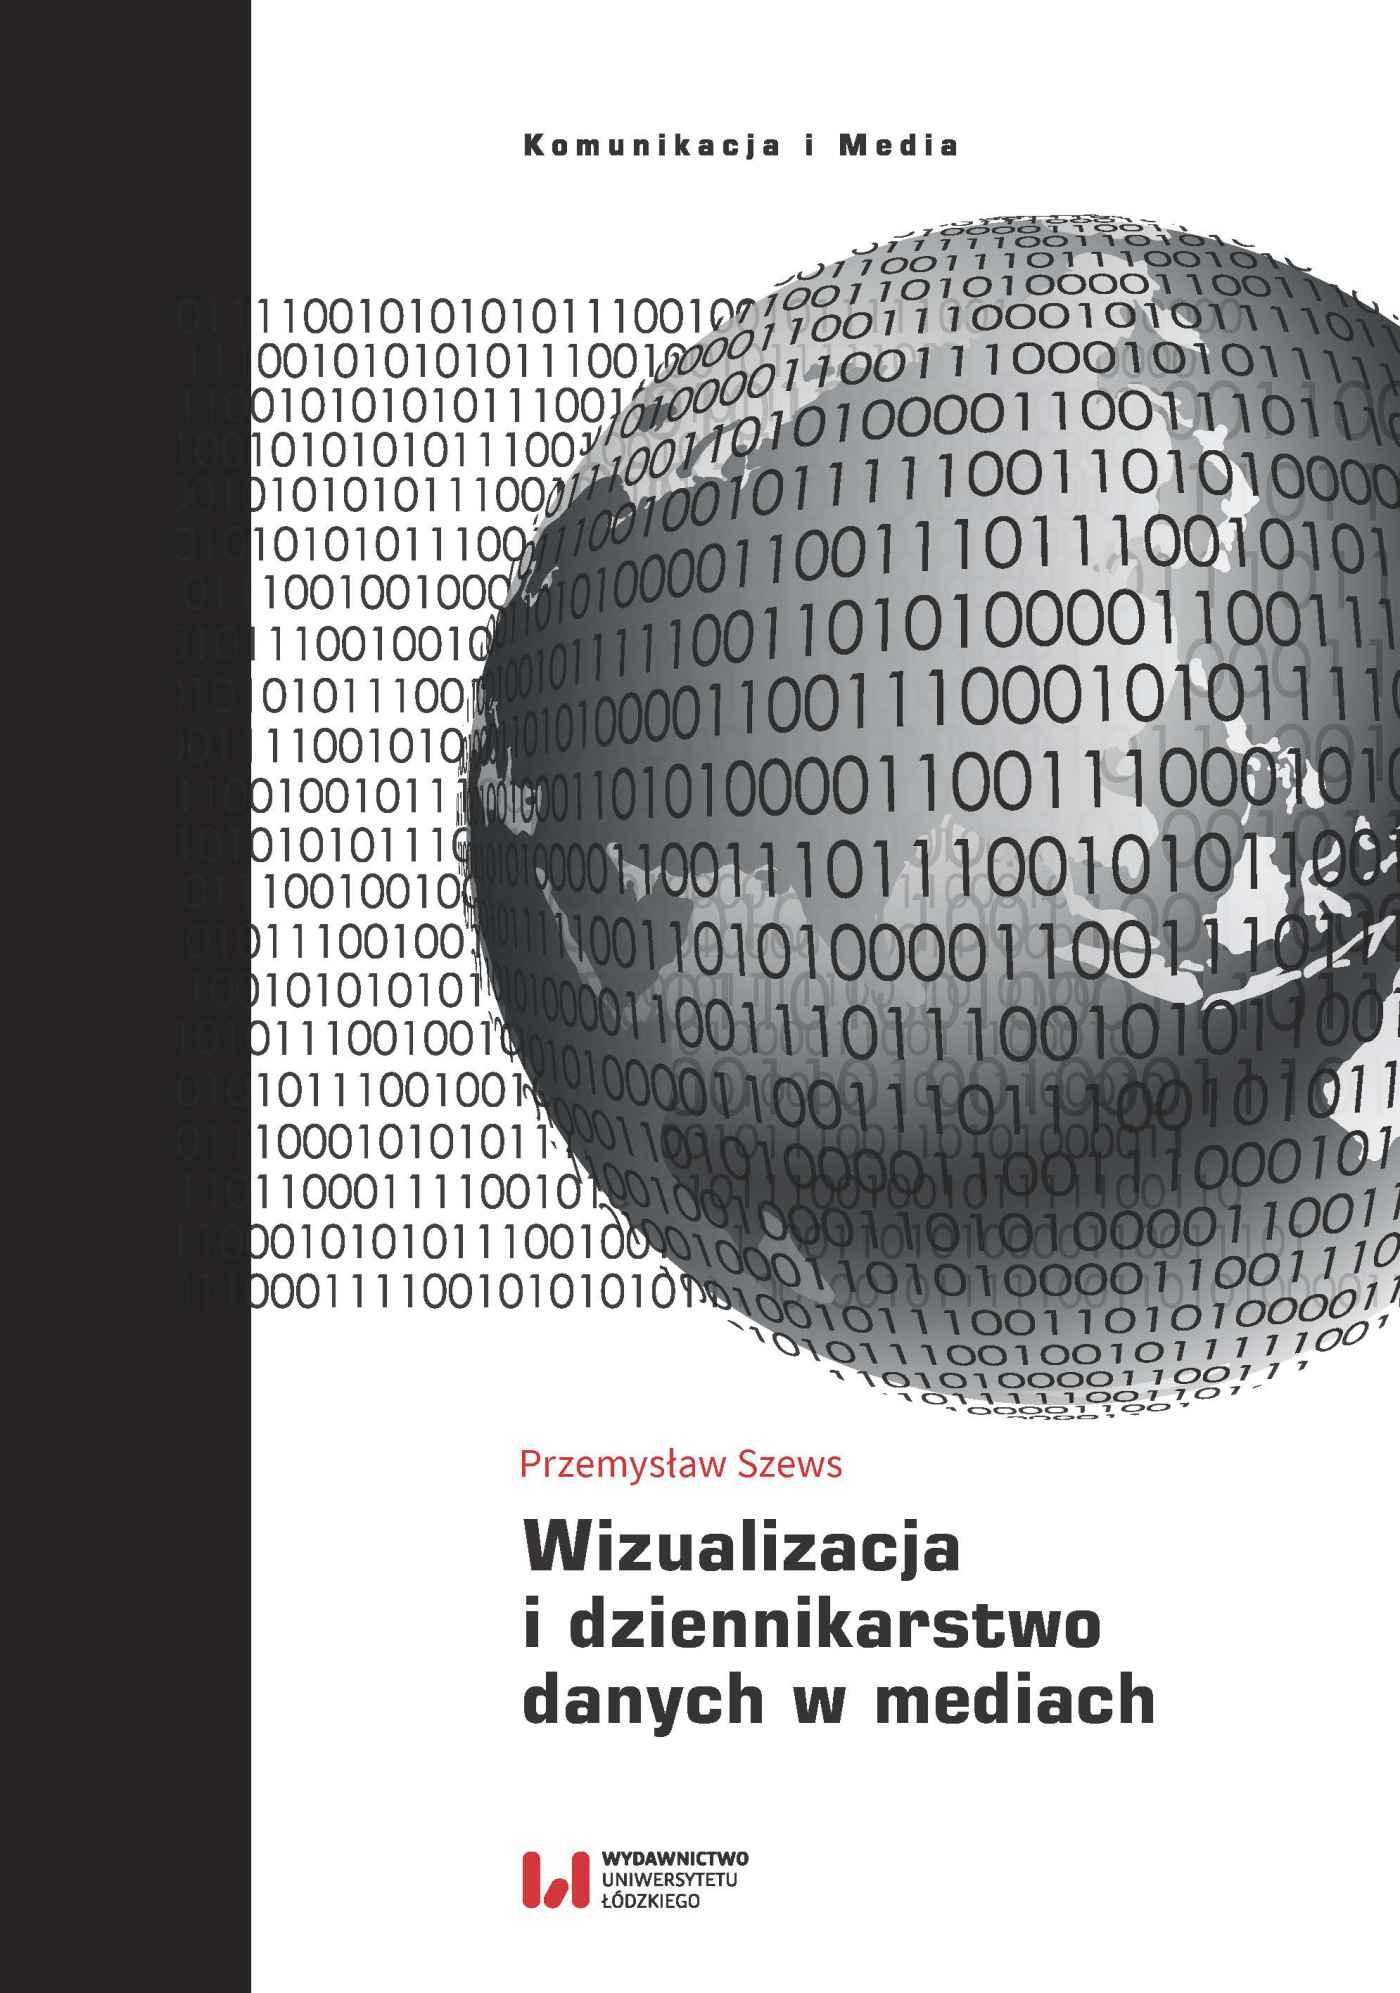 Wizualizacja i dziennikarstwo danych w mediach - ebook